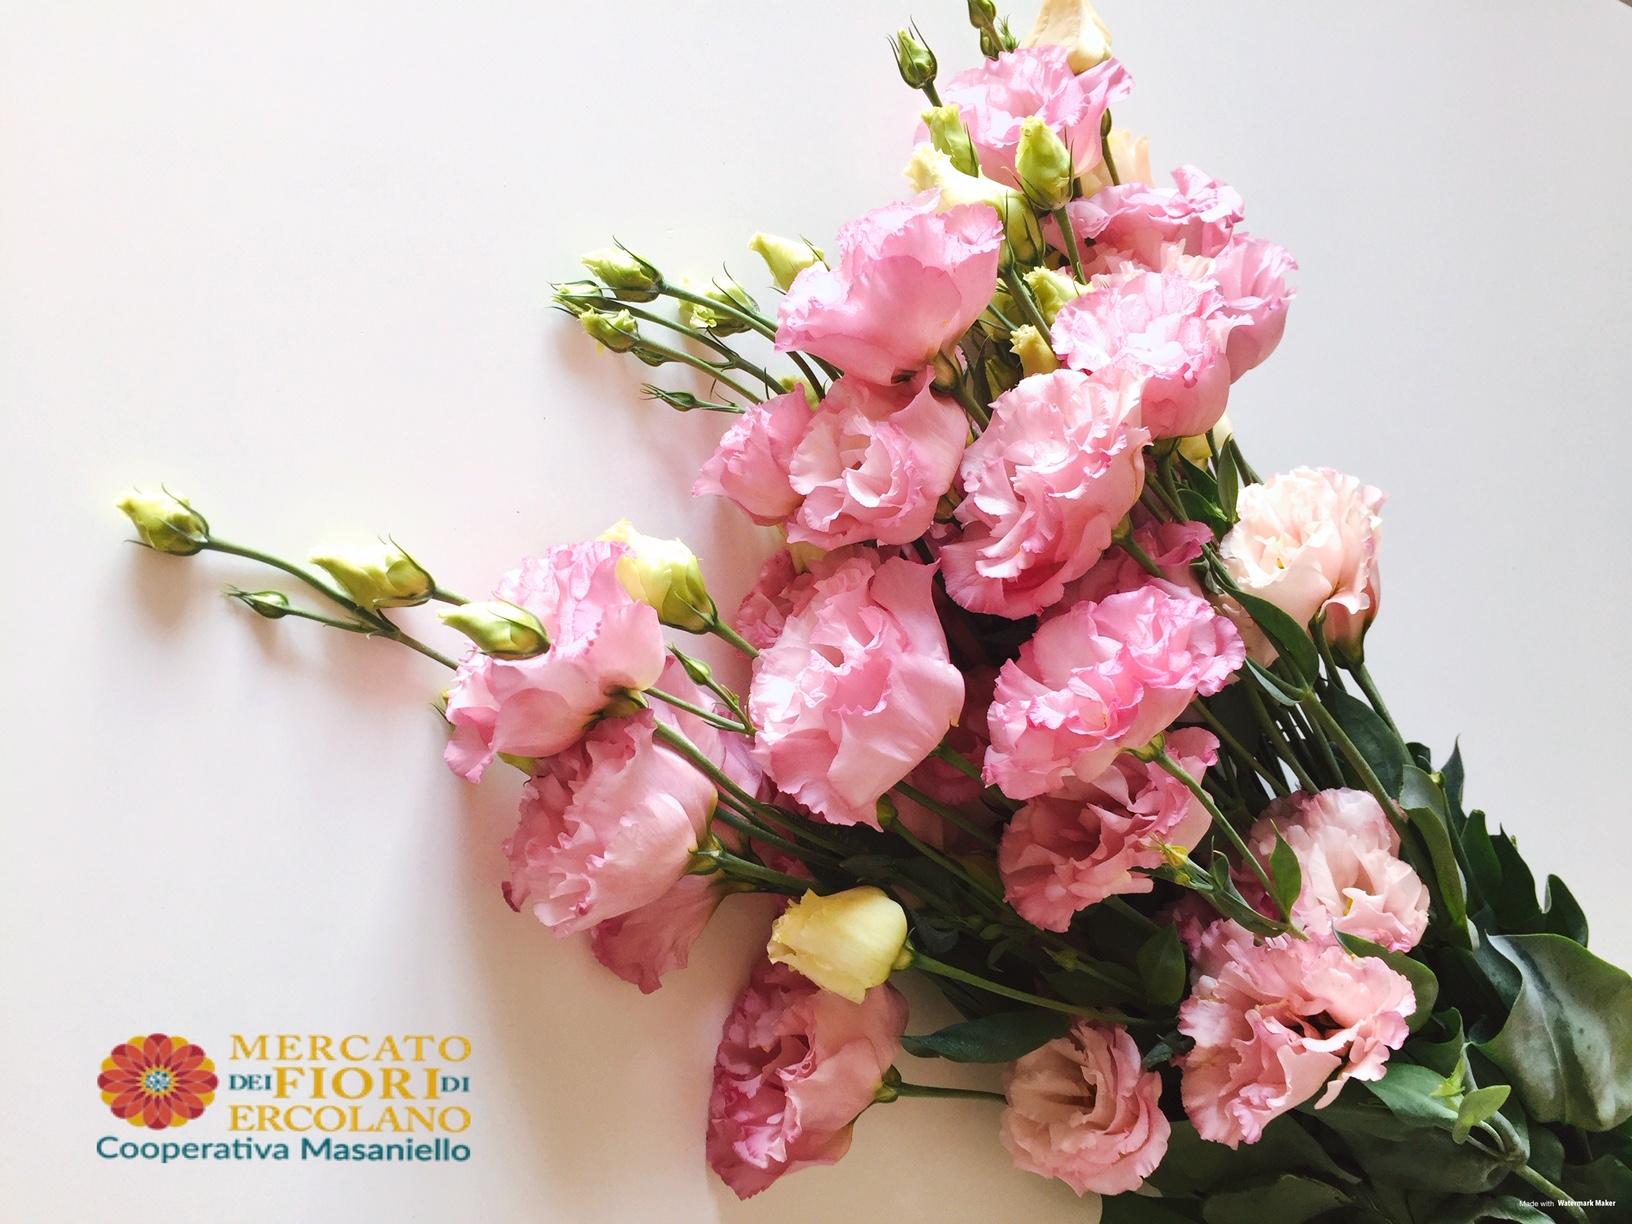 Le migliori 145 immagini su crisantemi | Crisantemi, Fiori ...